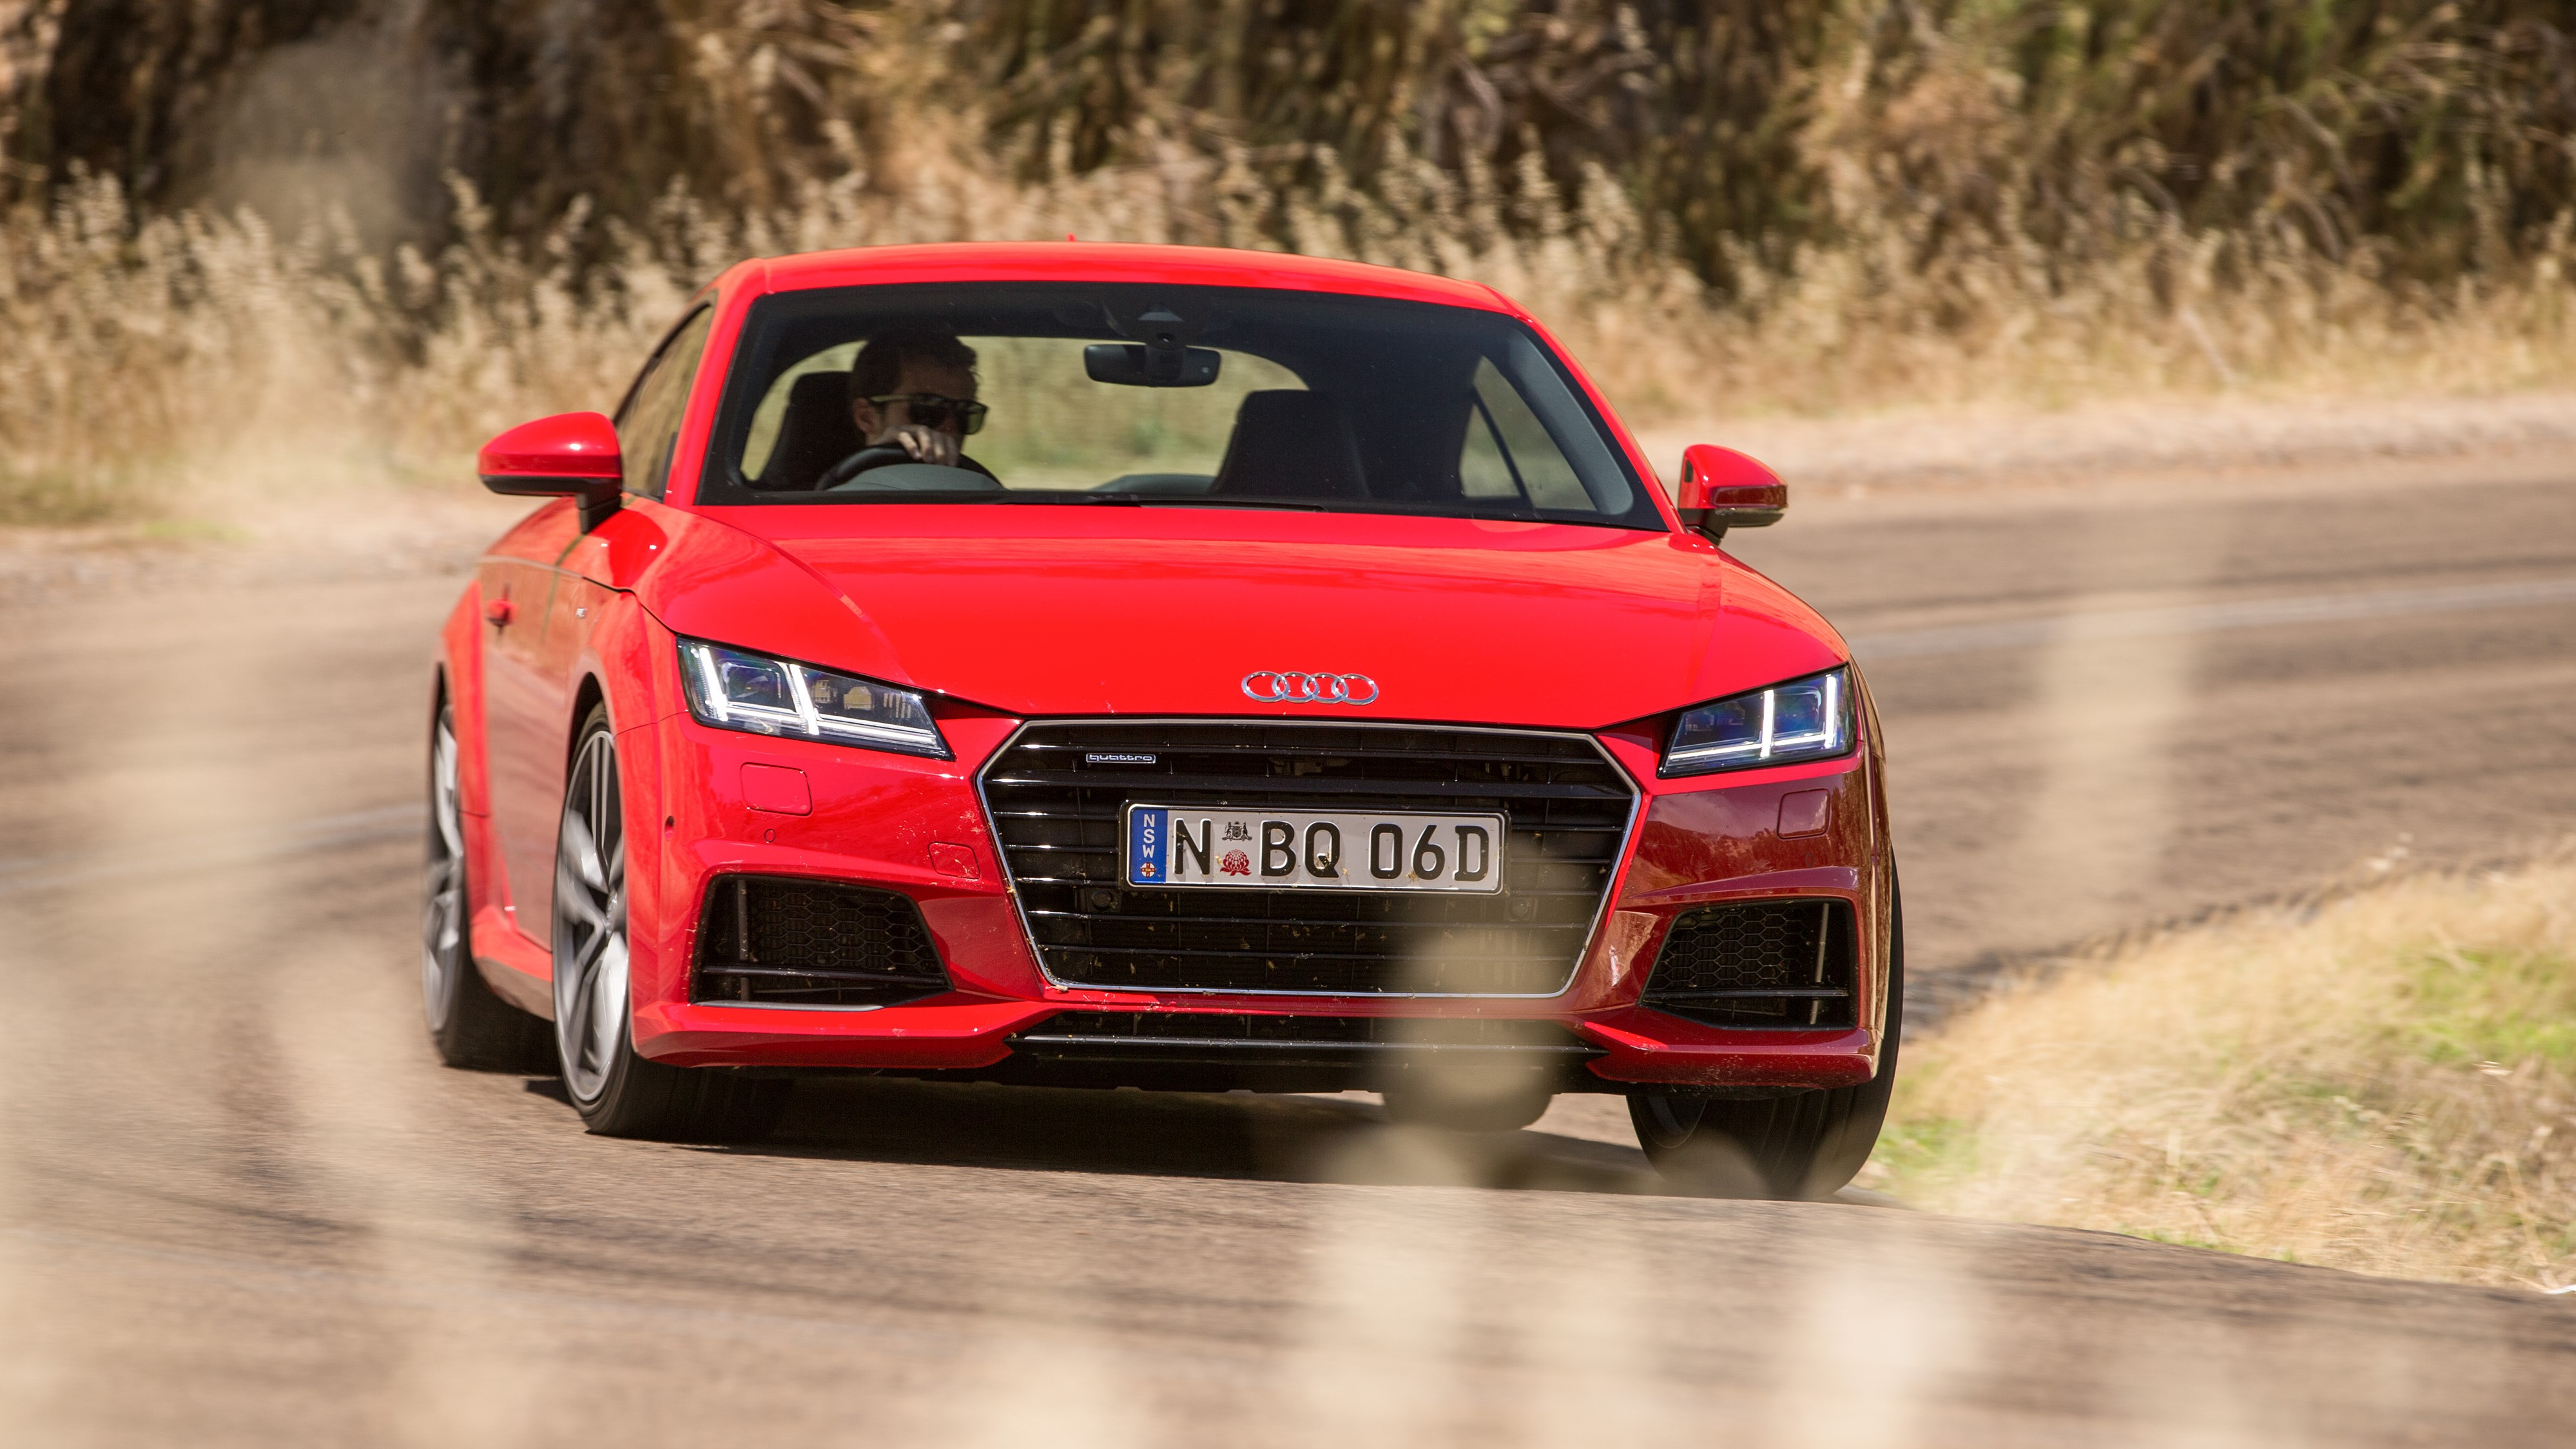 2018 Audi TT range review